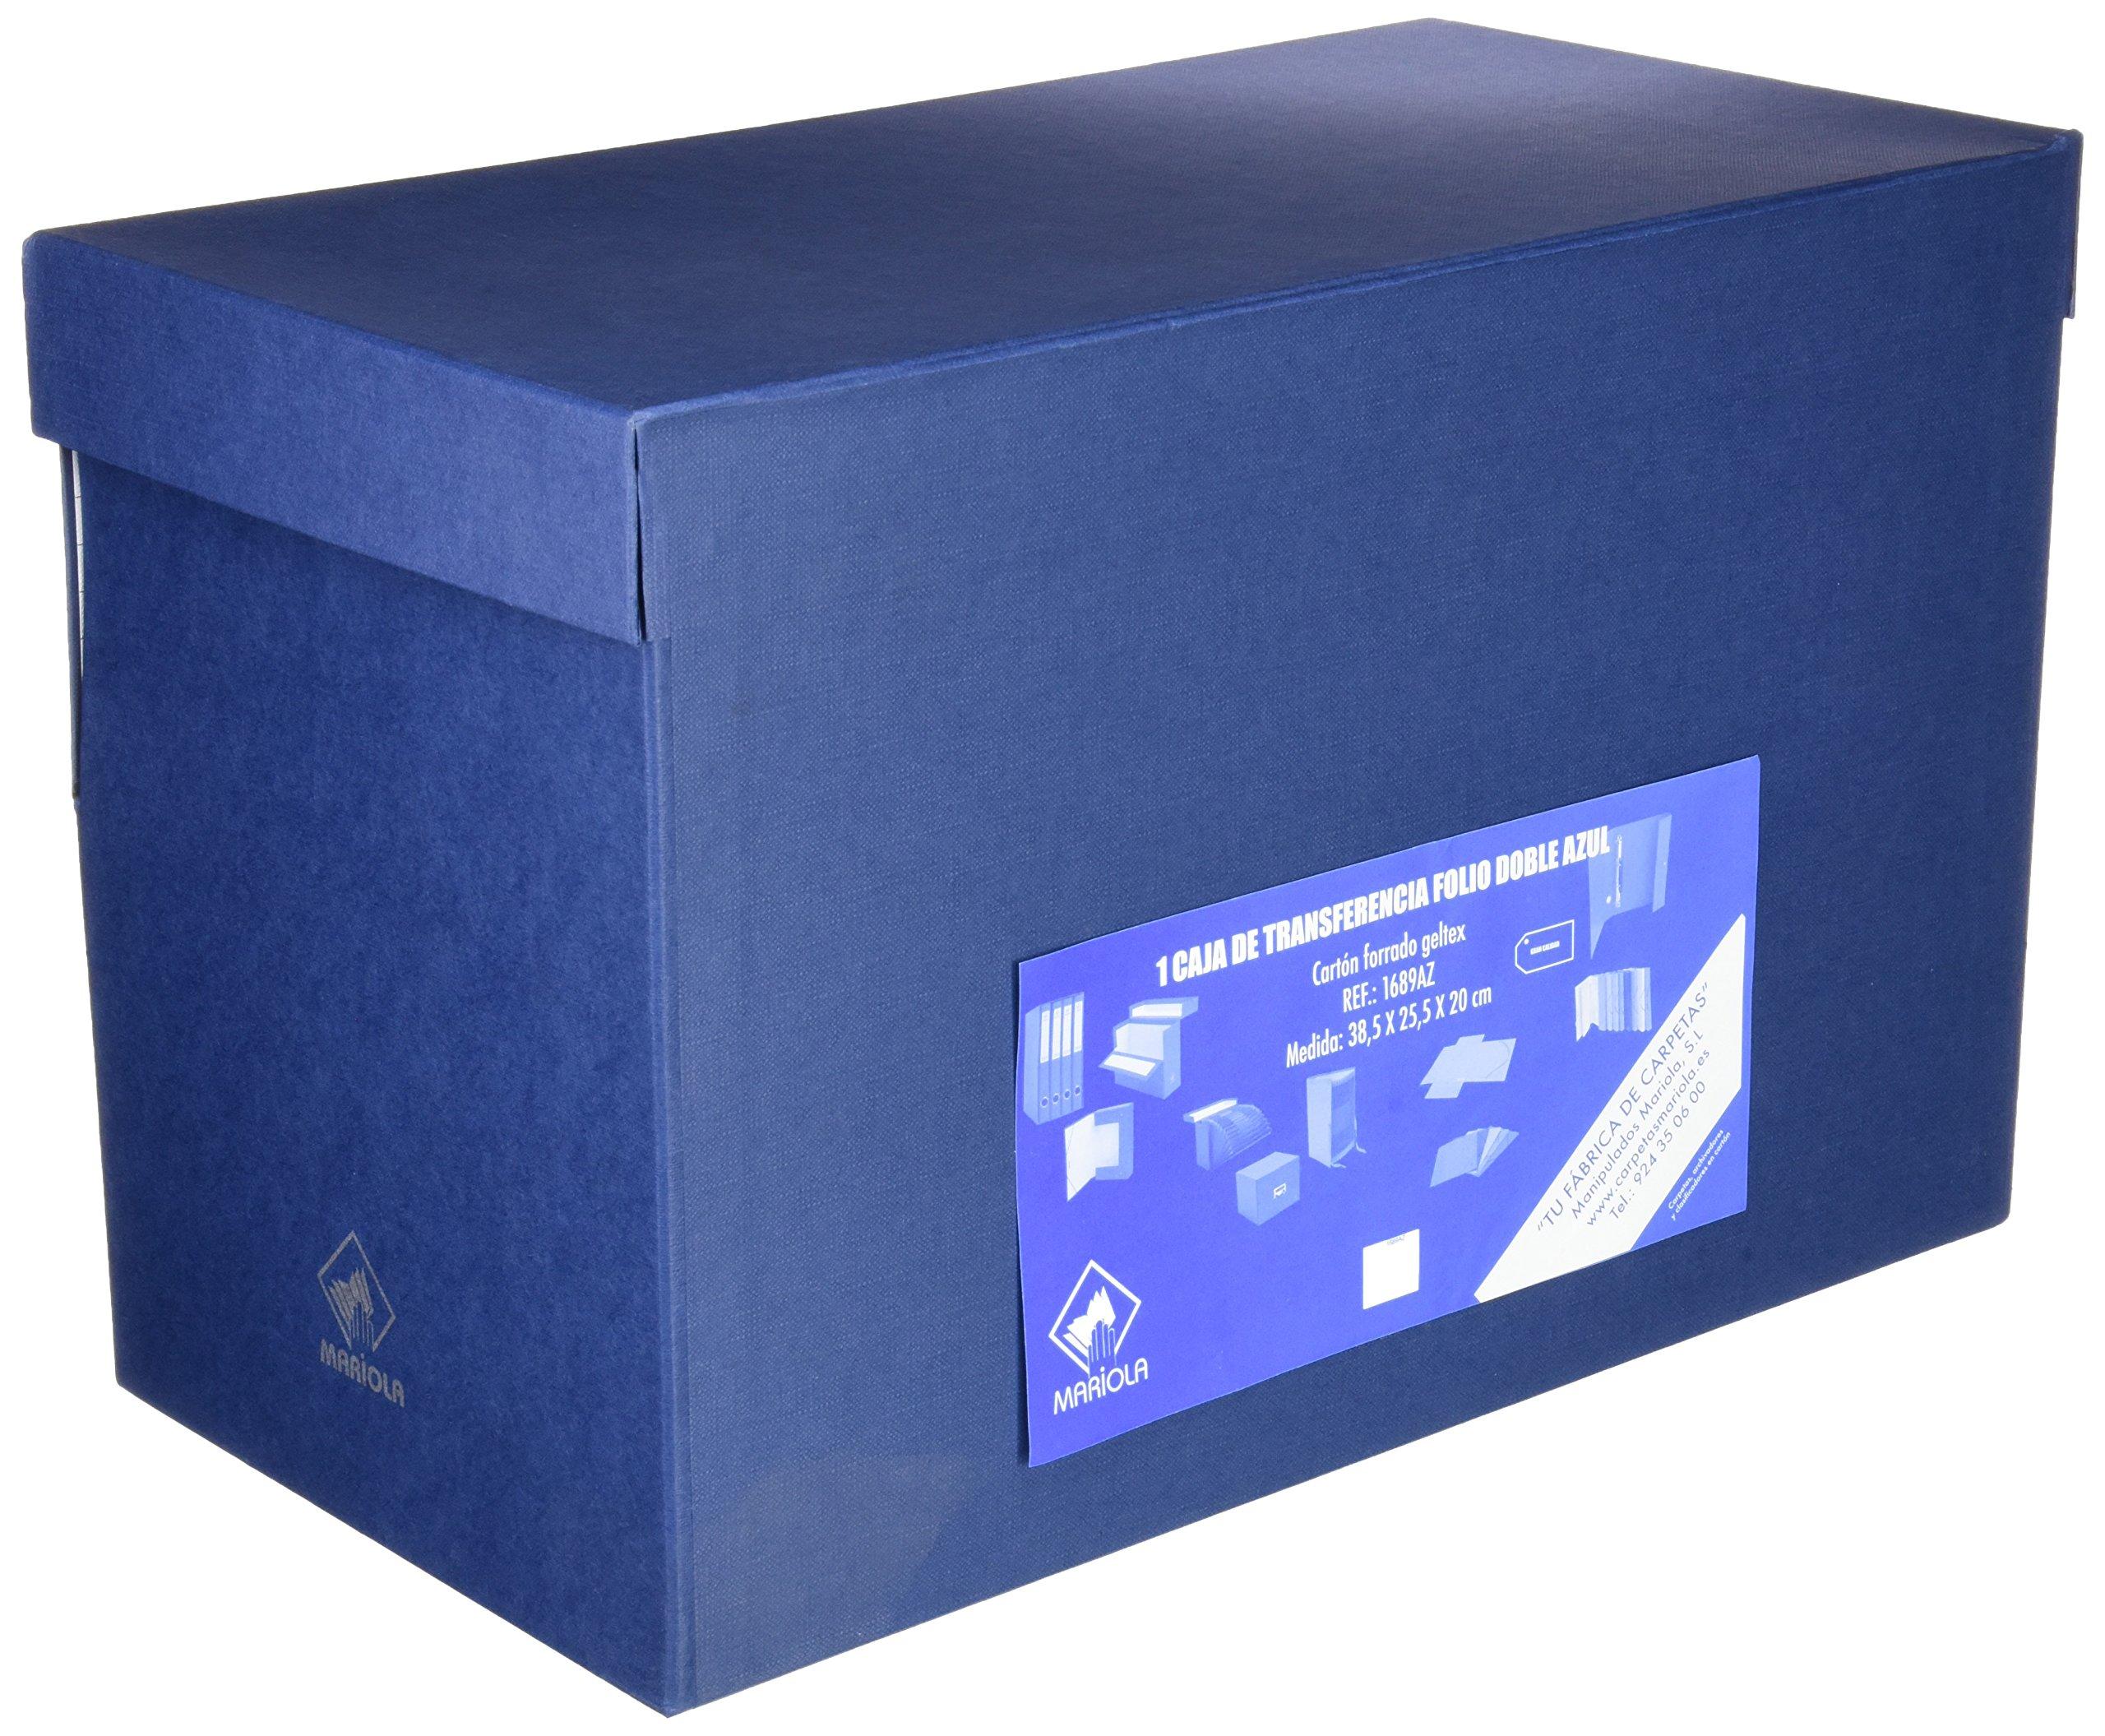 Mariola 946593 - Caja de transferencia forrada en papel, formato ...